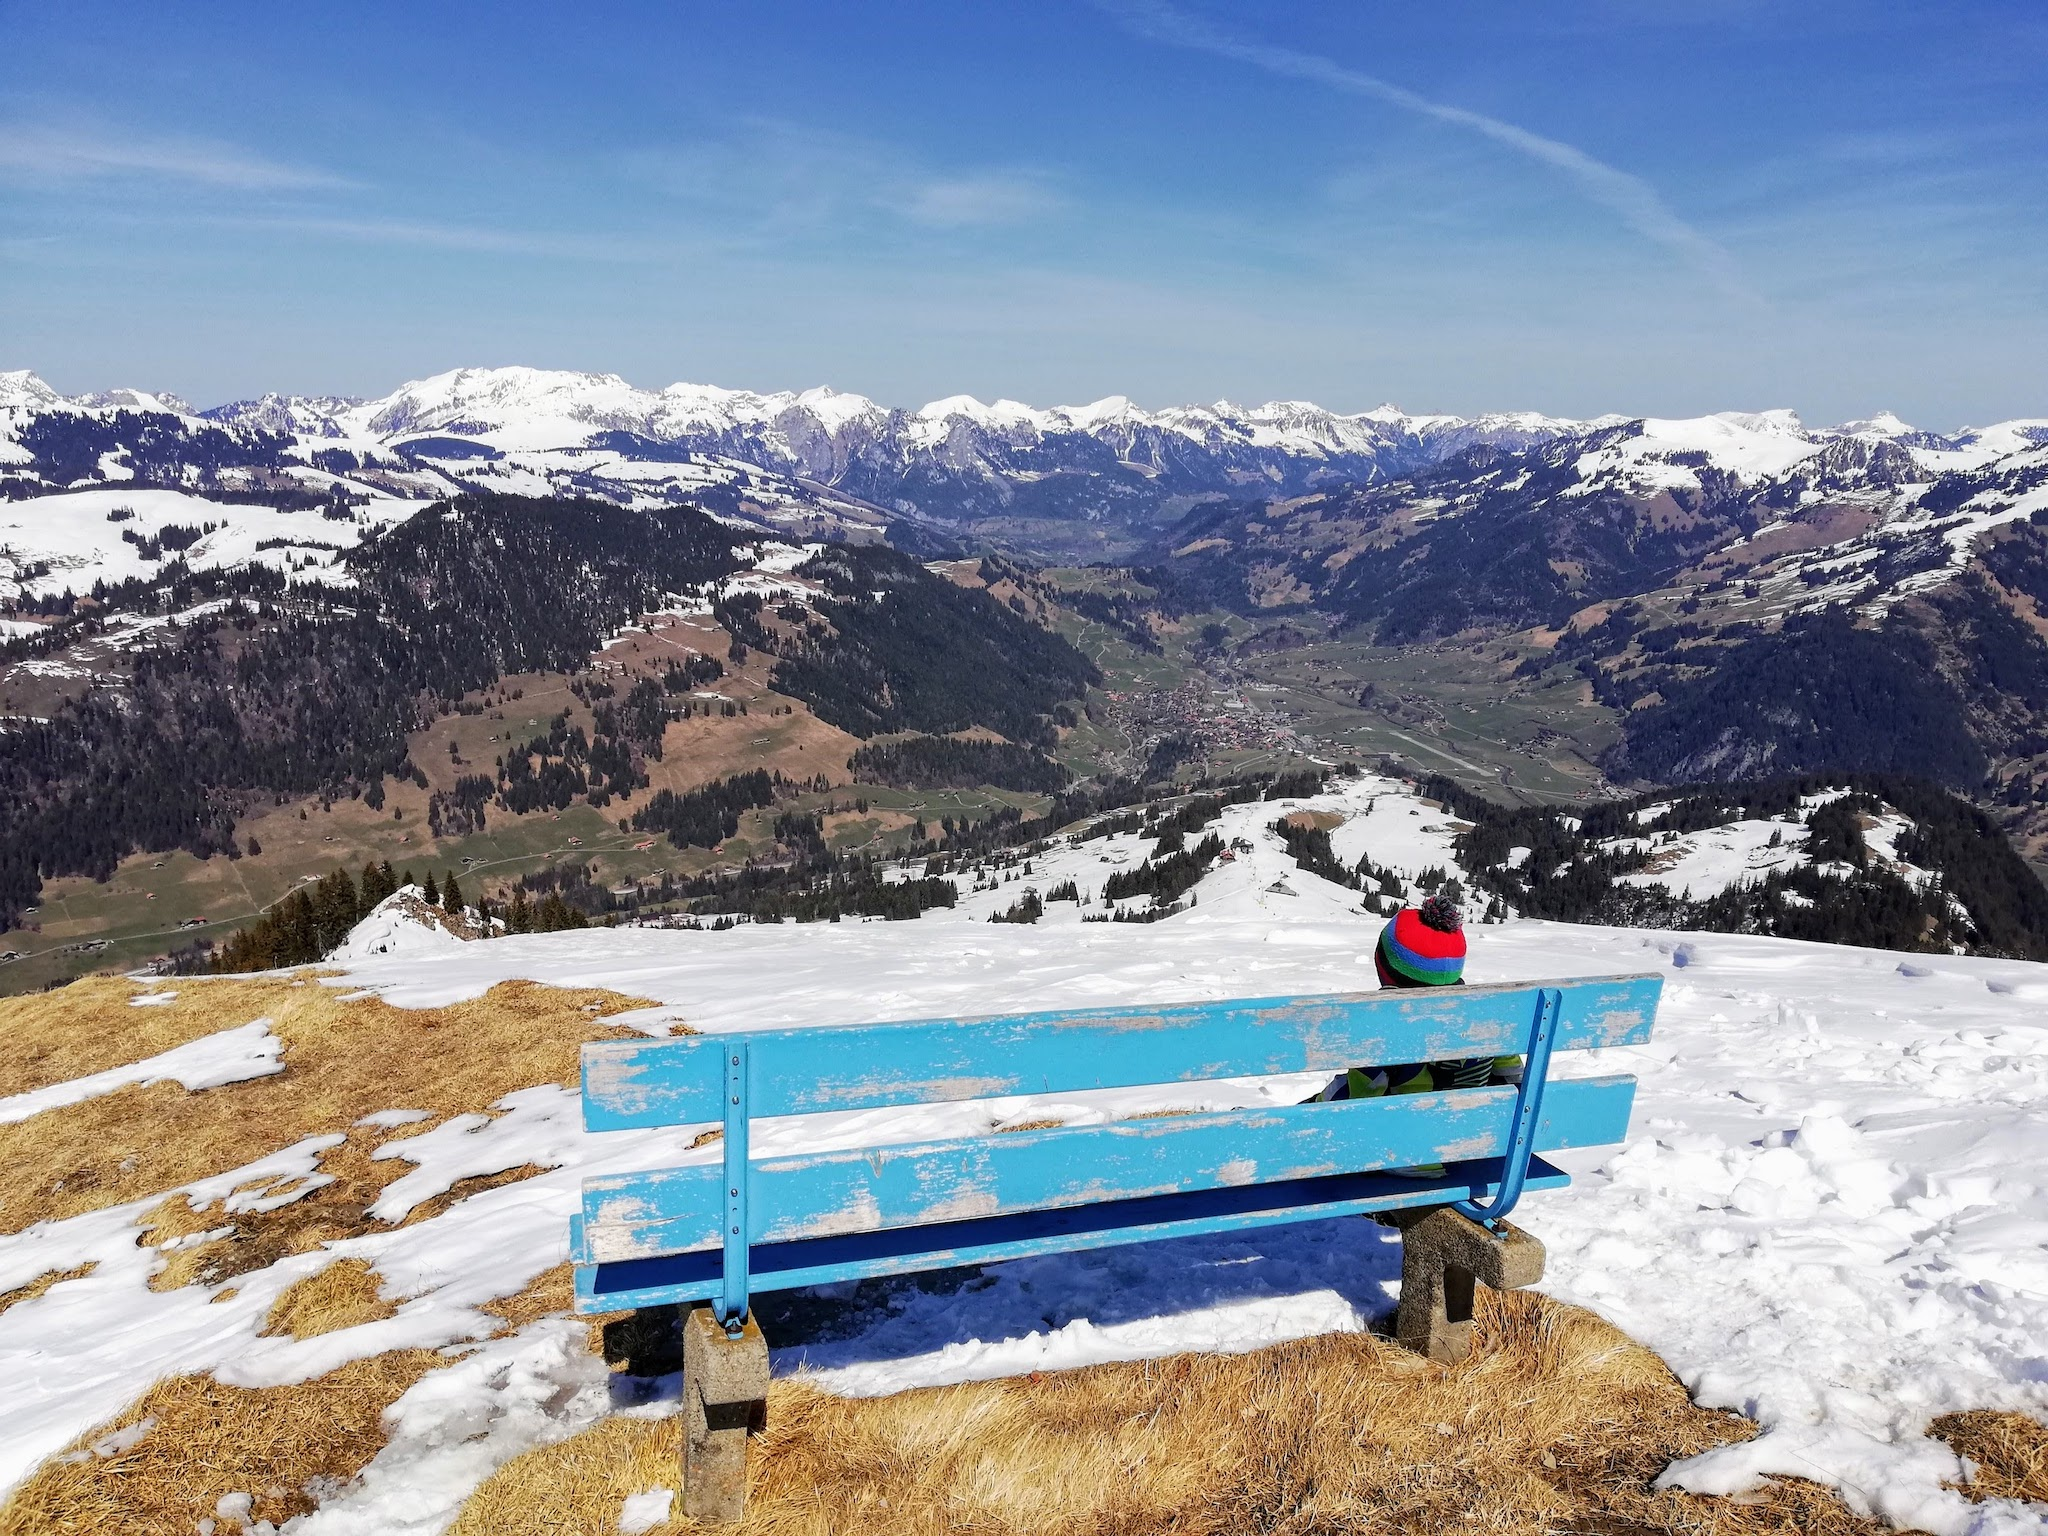 Zweisimmen, Rinderberg - new entry on my ski areas around Bern list